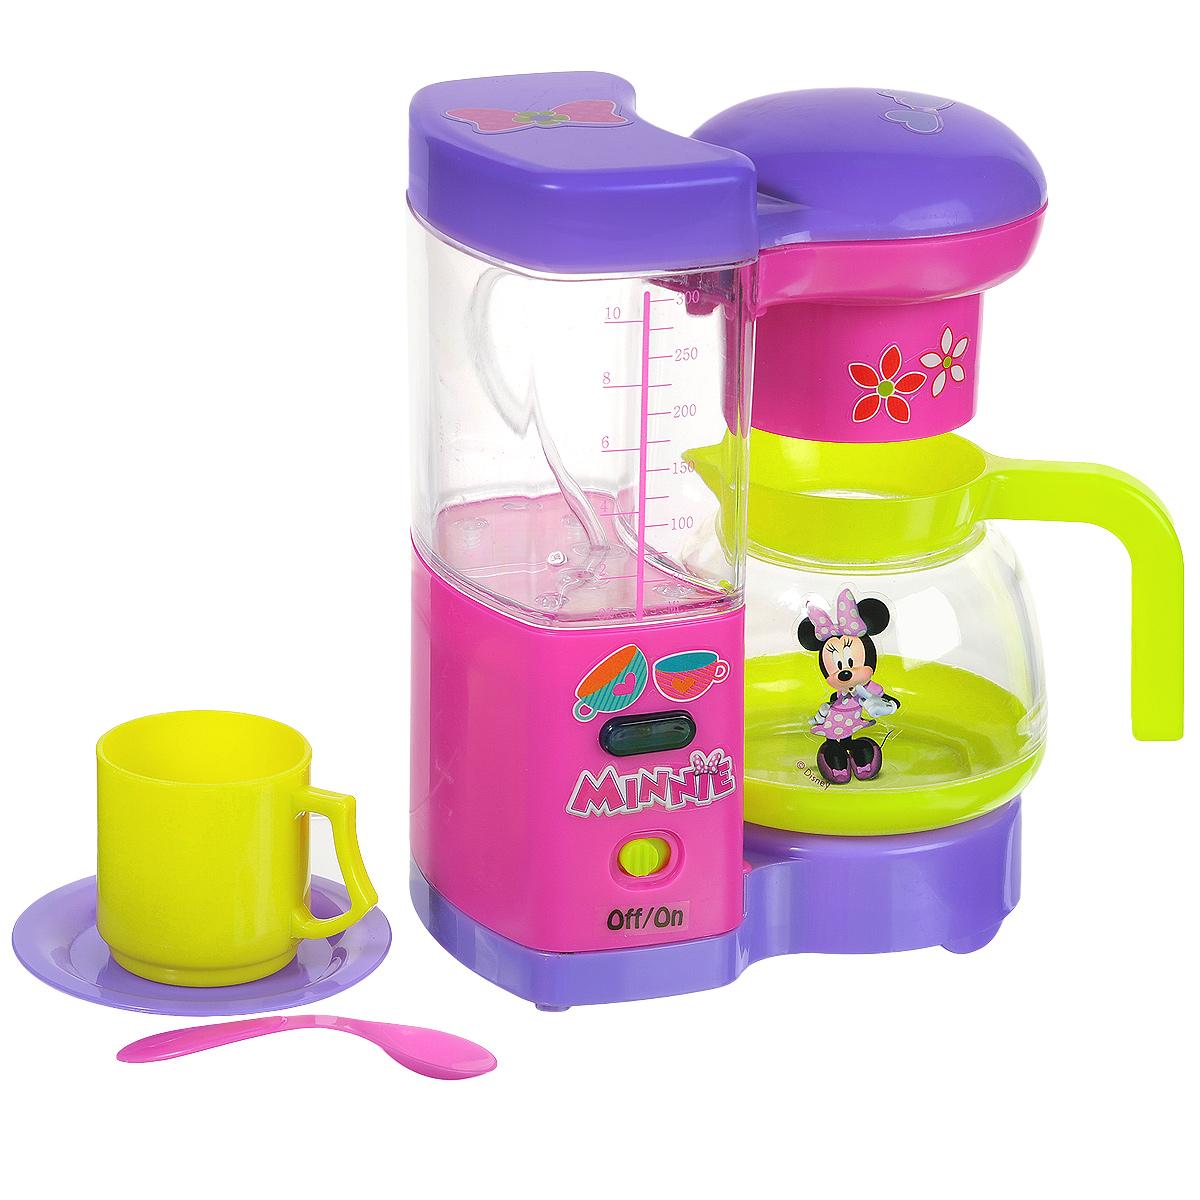 Simba Кофеварка Minnie Mouse, с аксессуарами4735137Если ваш ребенок любит помогать маме на кухне, играть с посудой, варить и жарить, но вам приходится ограничивать его в игре с бьющимися предметами кухонной утвари и техникой, то эта игрушка создана специально для юного поваренка. С кофеваркой Minnie Mous ваша малышка сможет напоить своих игрушек вкусным кофе. Игрушка оснащена звуковыми и световыми эффектами. Верхняя крышка кофеварки снимается, в чашу можно налить воды. Реалистичные звуки помогут воссоздать атмосферу готовки. В комплект также входят две кружки, 2 блюдца и 2 ложечки. Все элементы набора выполнены из прочного яркого пластика. Порадуйте свою малышку таким замечательным подарком! Необходимо докупить 2 батарейки напряжением 1,5V типа АА (не входят в комплект).